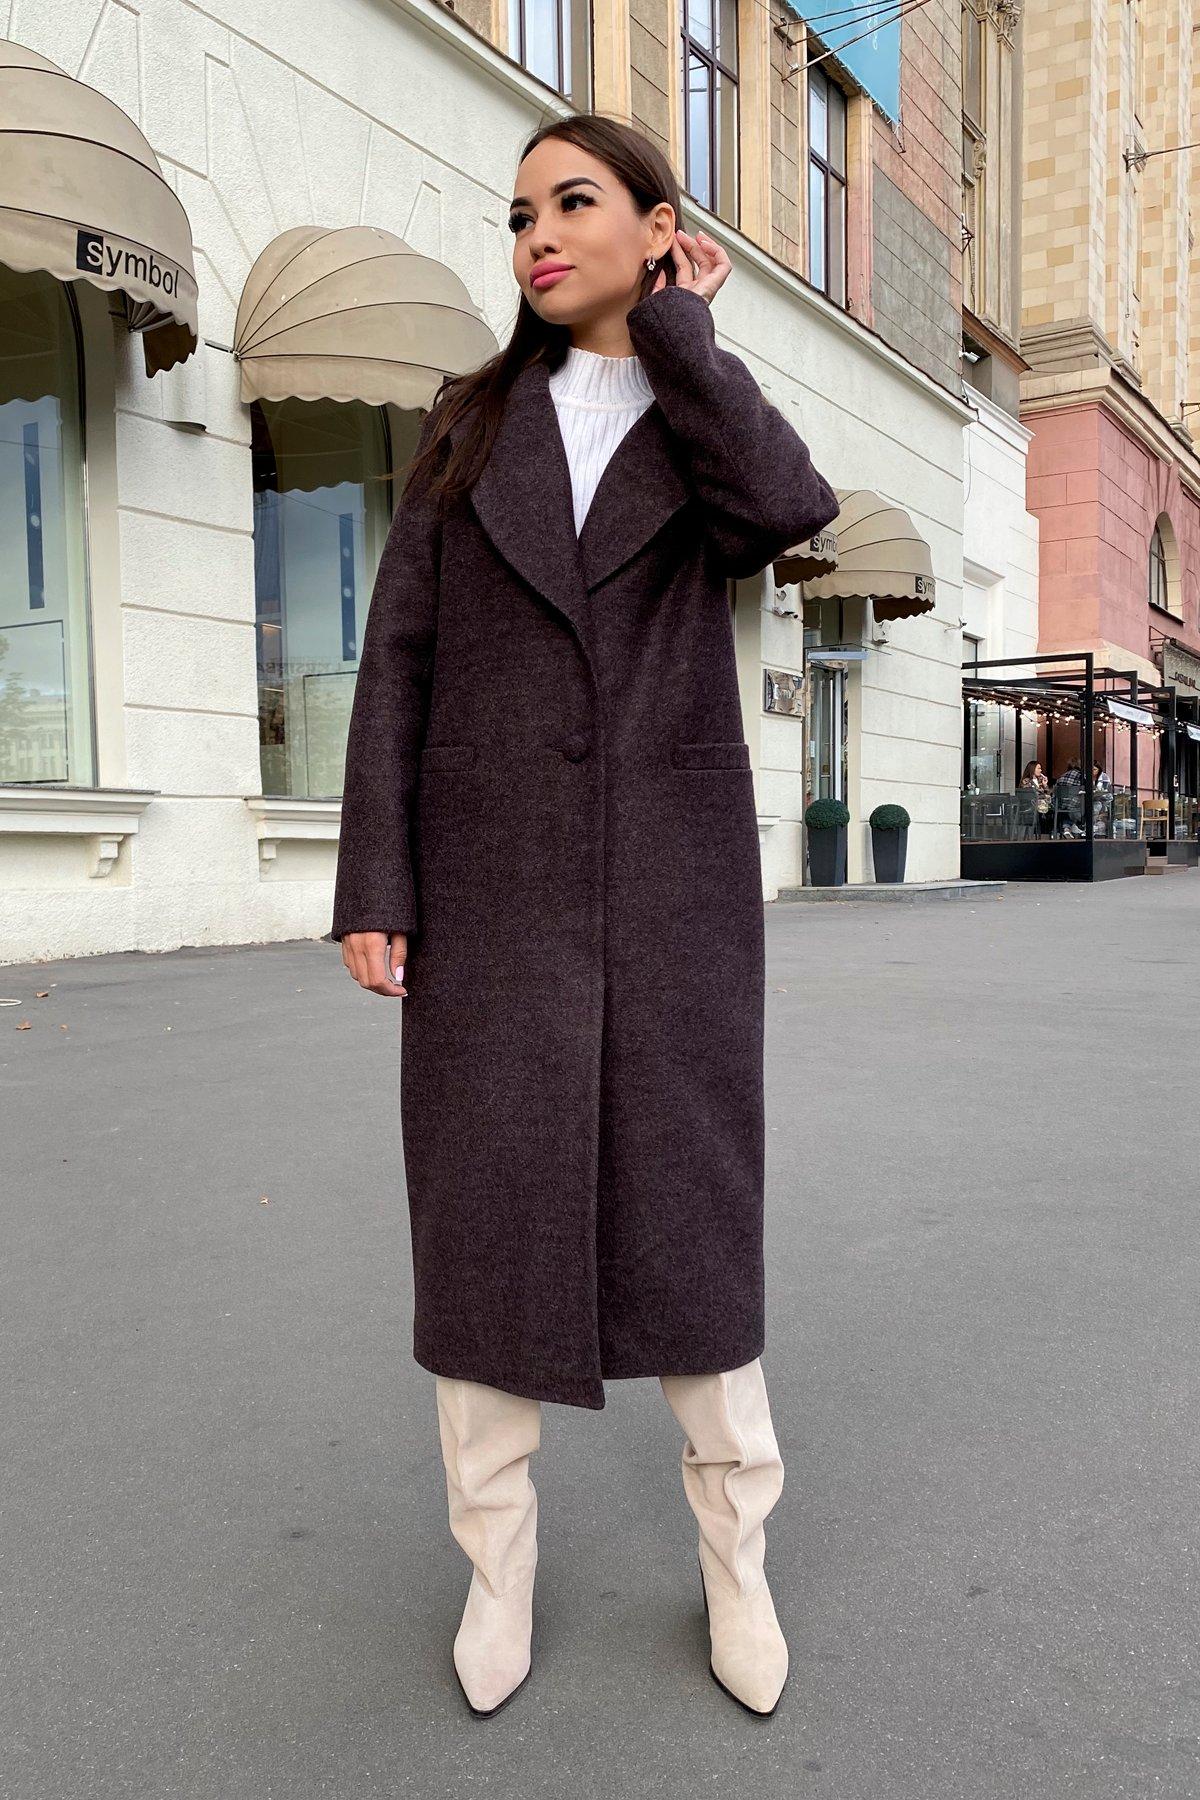 Длинное пальто зима Вива макси 8341 АРТ. 44495 Цвет: Шоколад 7 - фото 6, интернет магазин tm-modus.ru